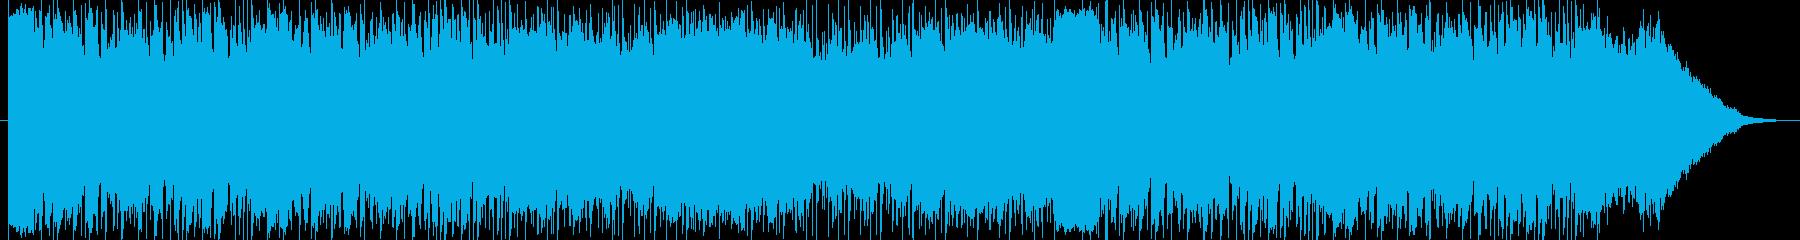 アラビア風のBGM 音色追加版の再生済みの波形